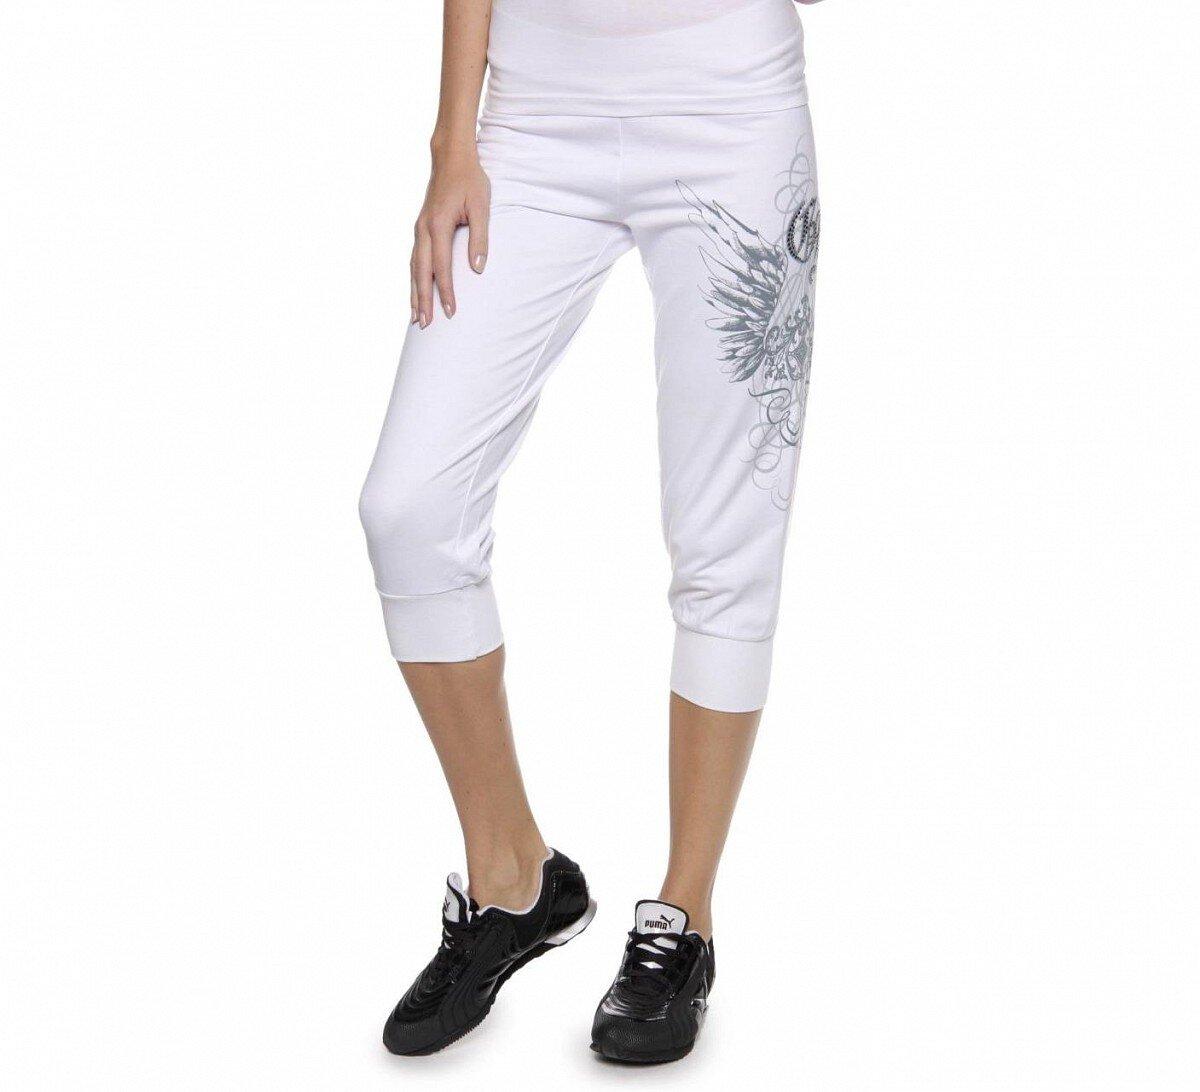 b46f9510351 Dámské bílé tříčtvrteční kalhoty Guess s potiskem